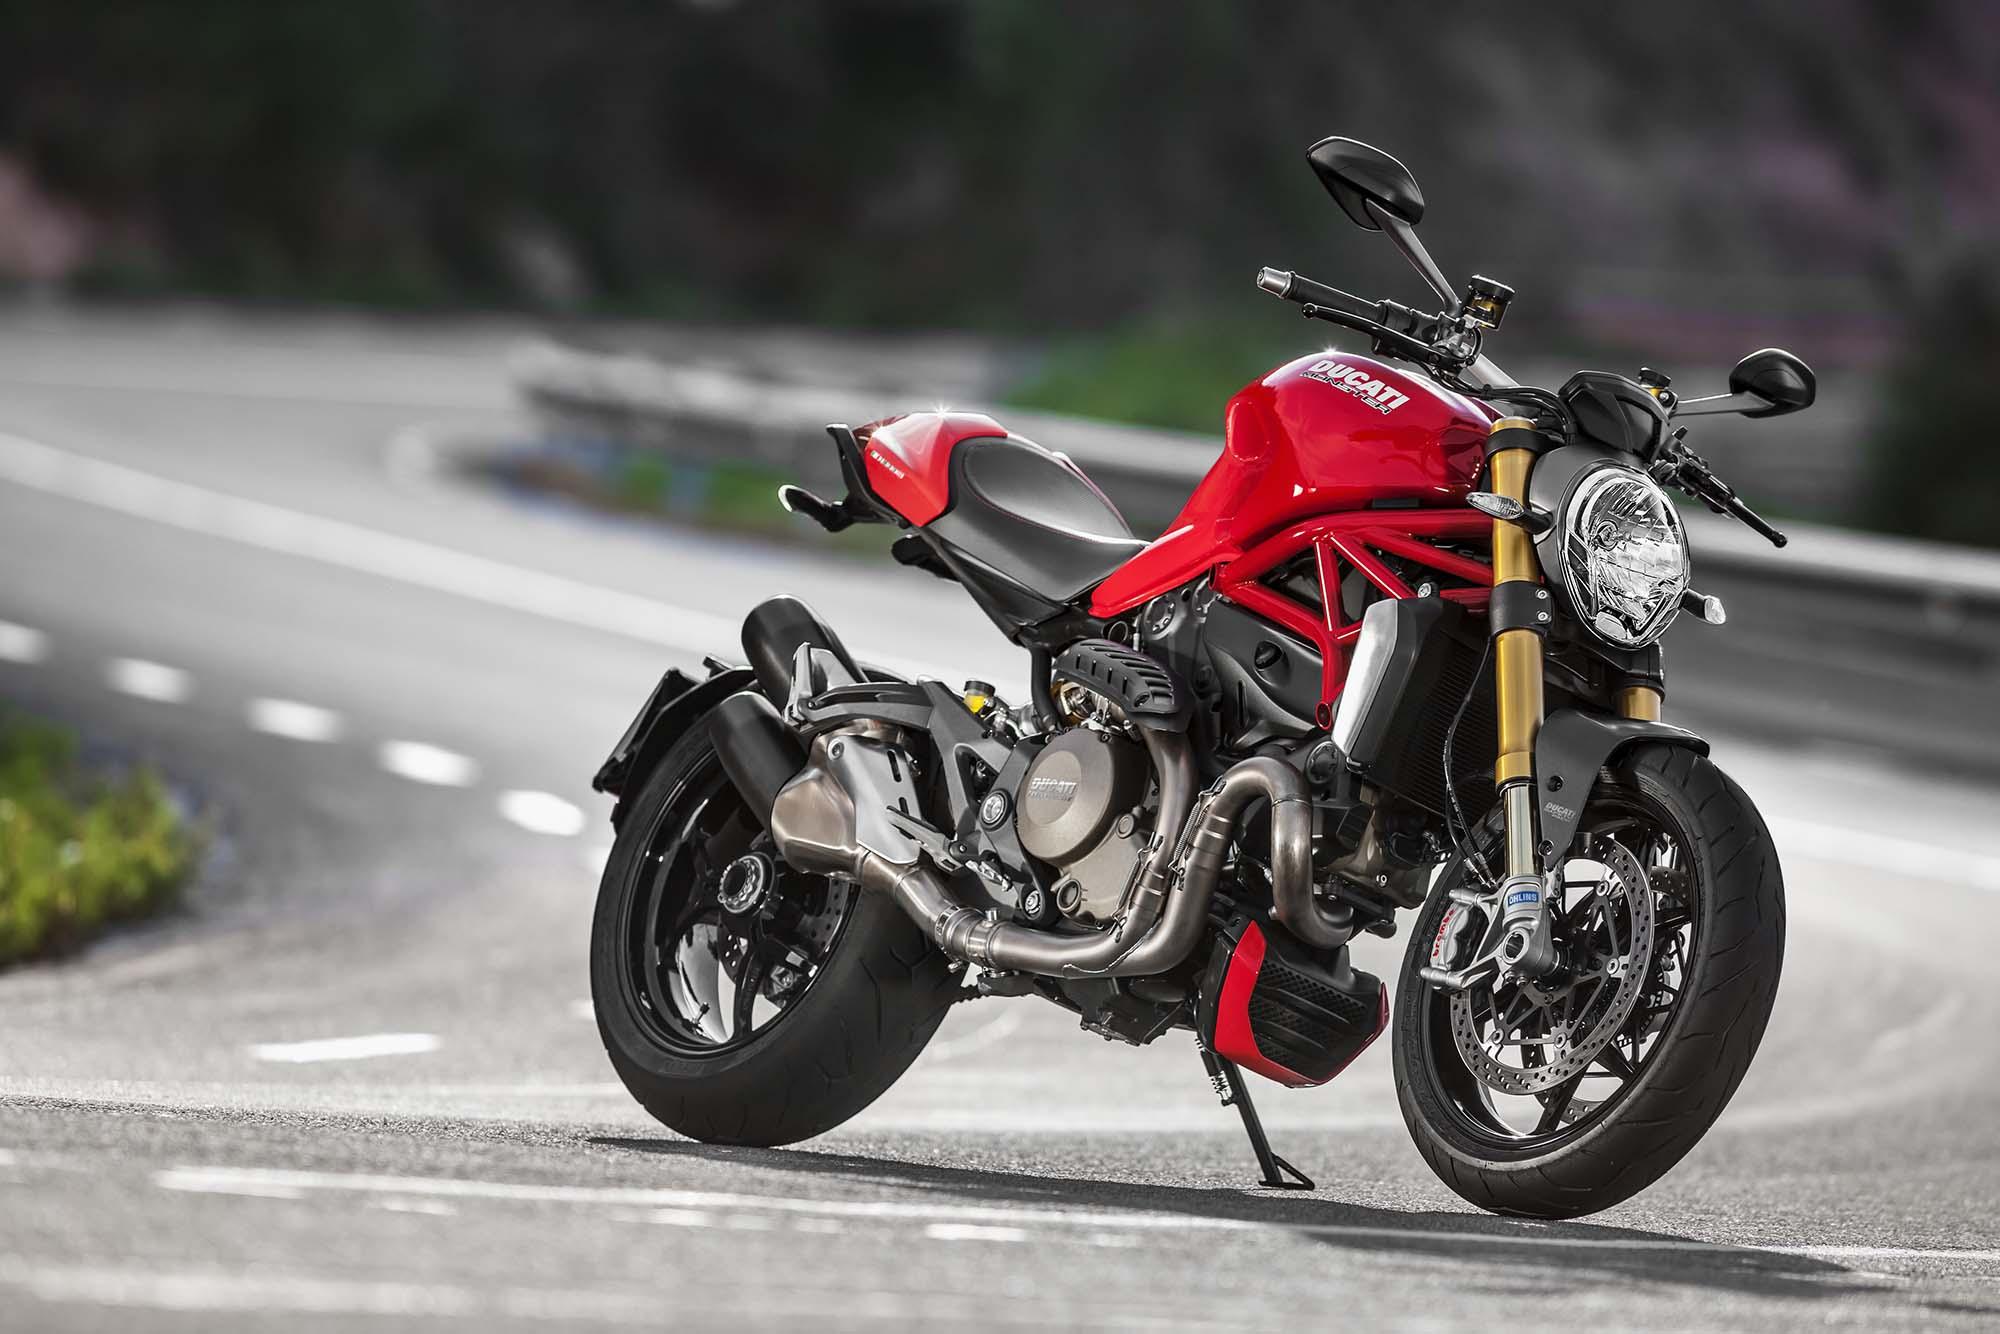 2014 Ducati Monster 1200 S - Moar Monster - Asphalt & Rubber